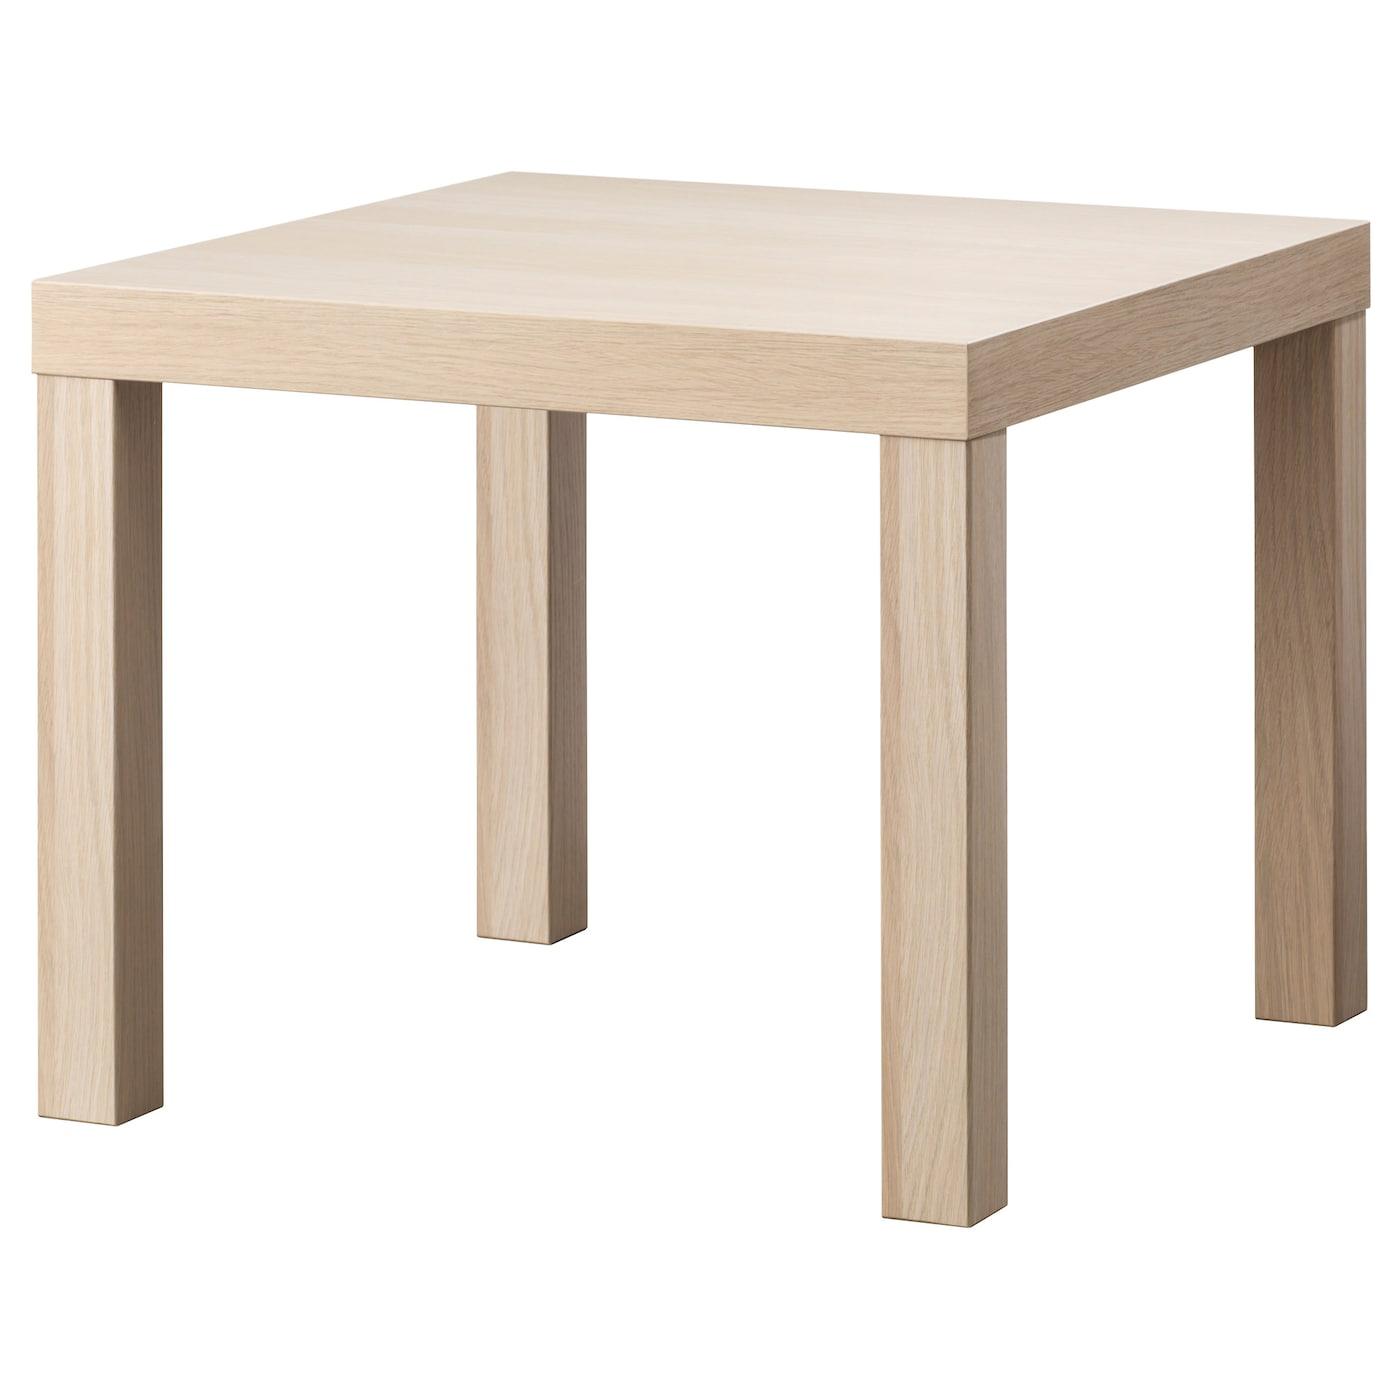 IKEA LACK stolik o fakturze dębu pokrytego białą bejcą, 55x55 cm